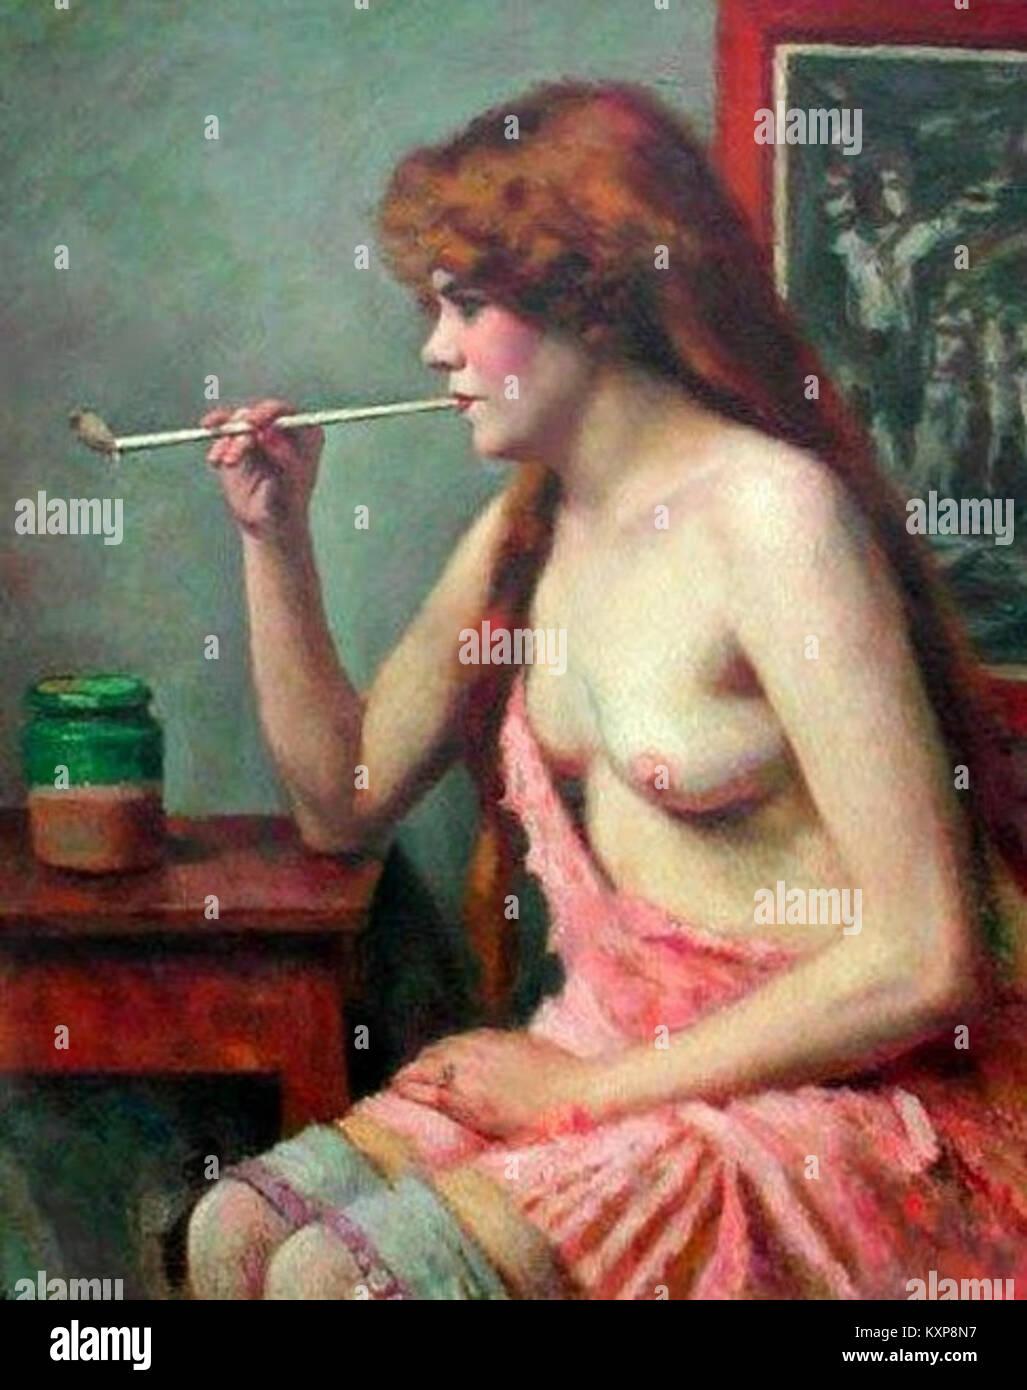 les femmes et les pipes sexe porno vidoes Télécharger